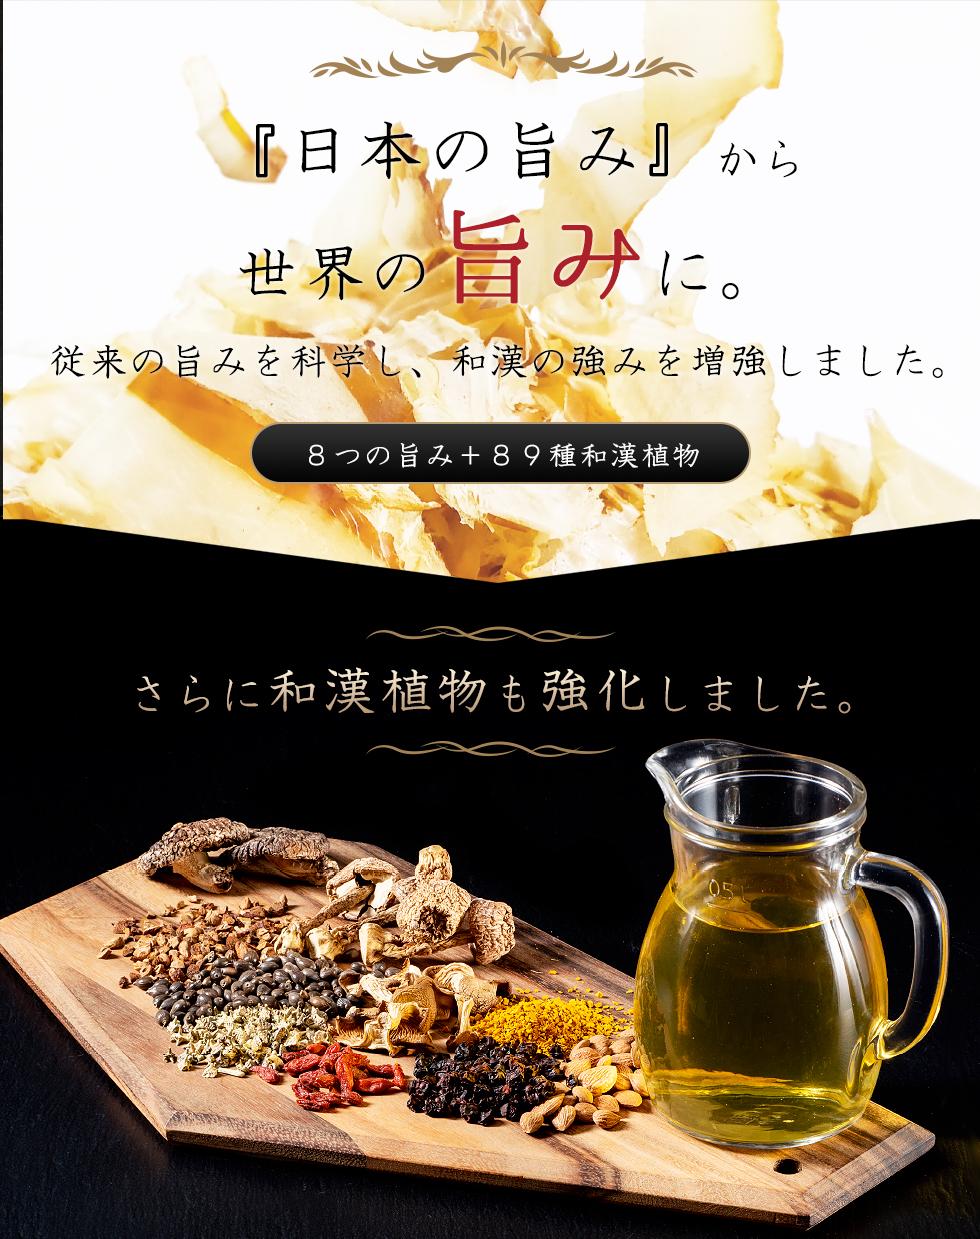 日本の旨みから世界のUMAMIに。8つの旨み+89種和漢植物 さらに和漢植物も強化しました。